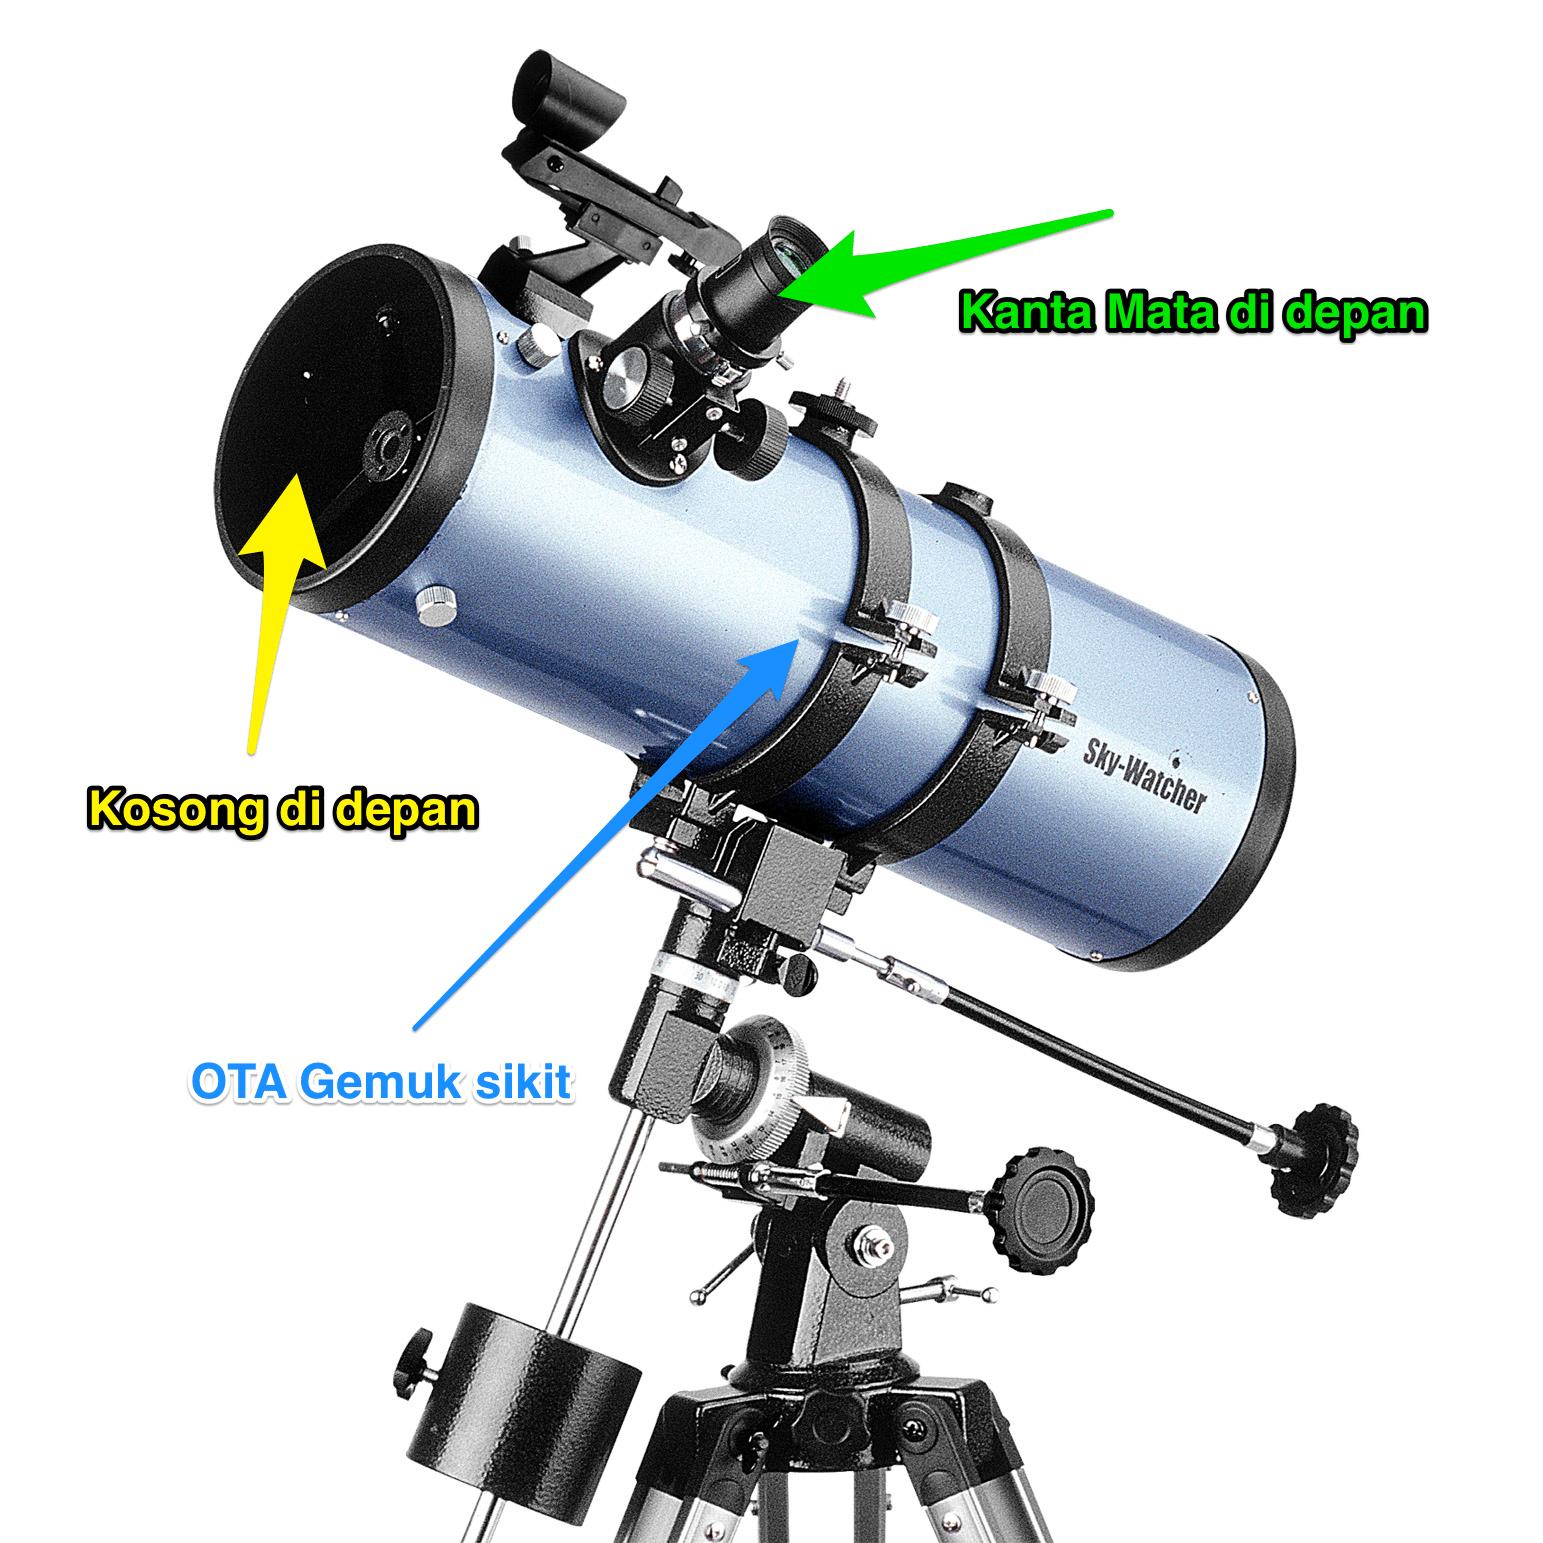 Линза барлоу для микроскопа своими руками